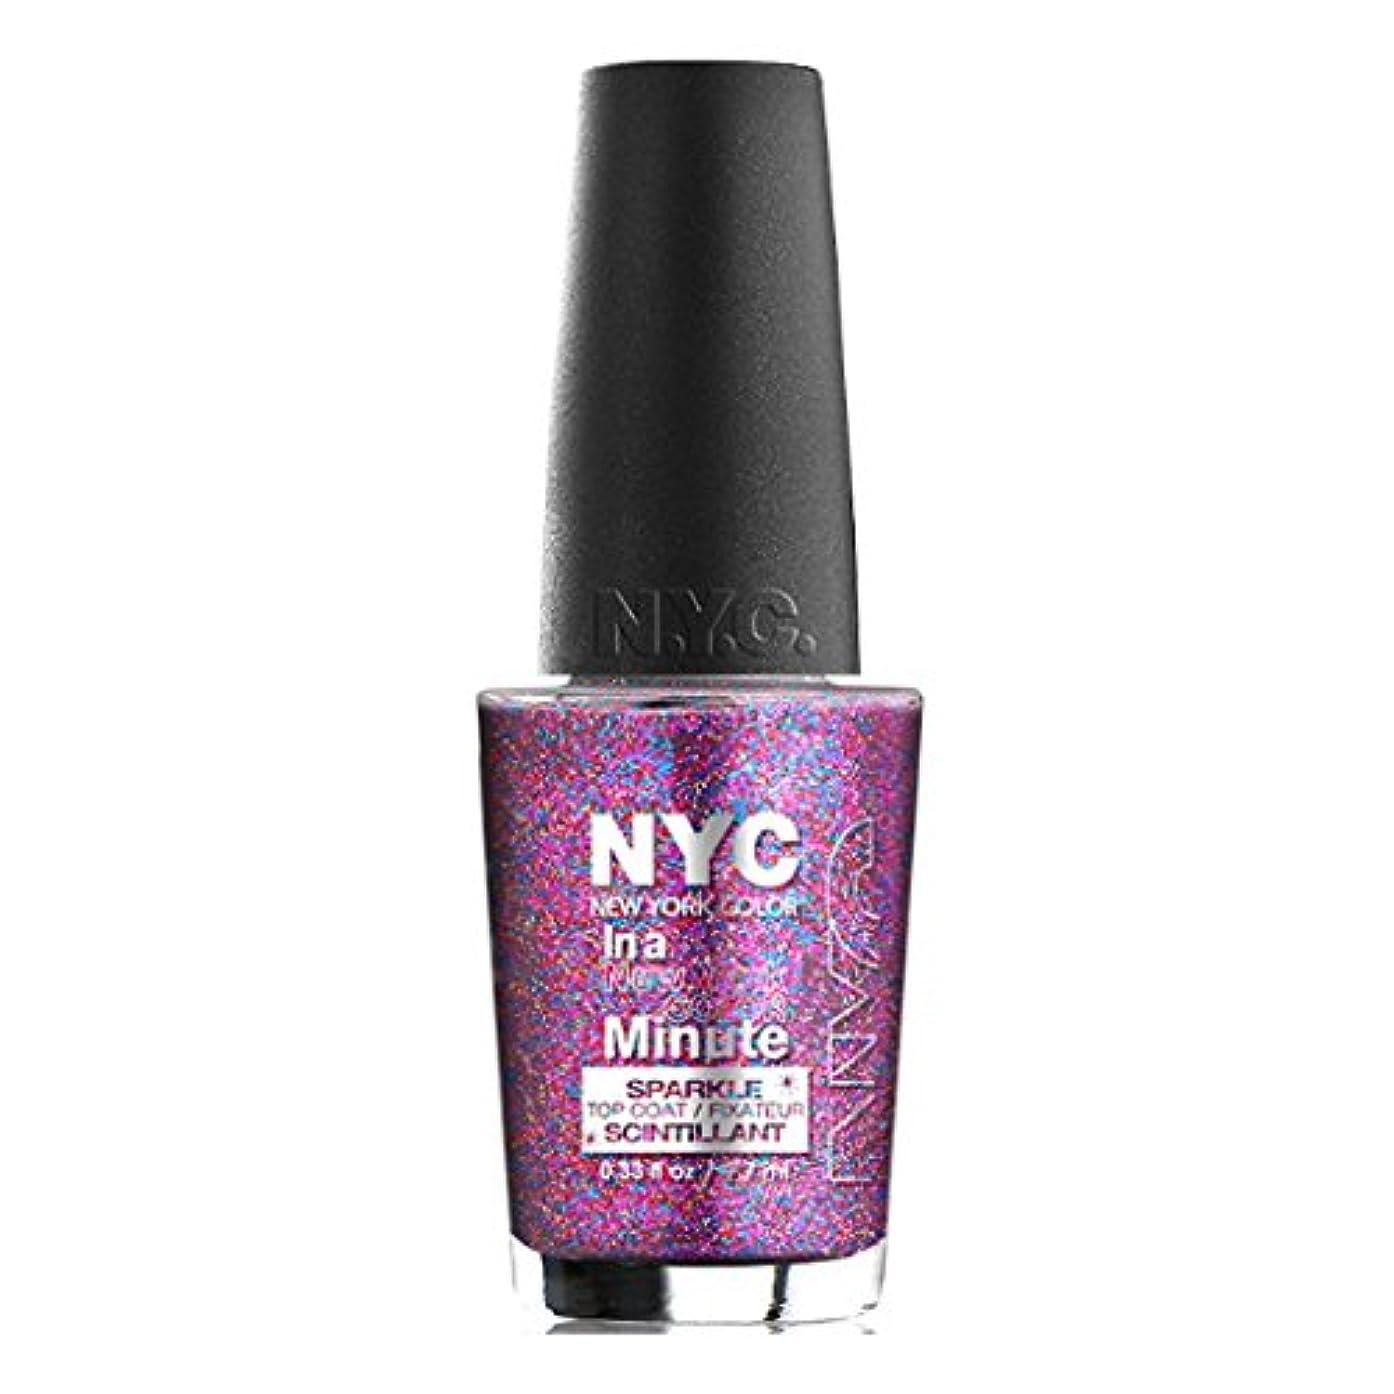 全滅させる失効誇張NYC In A New York Color Minute Sparkle Top Coat Big City Dazzle (並行輸入品)